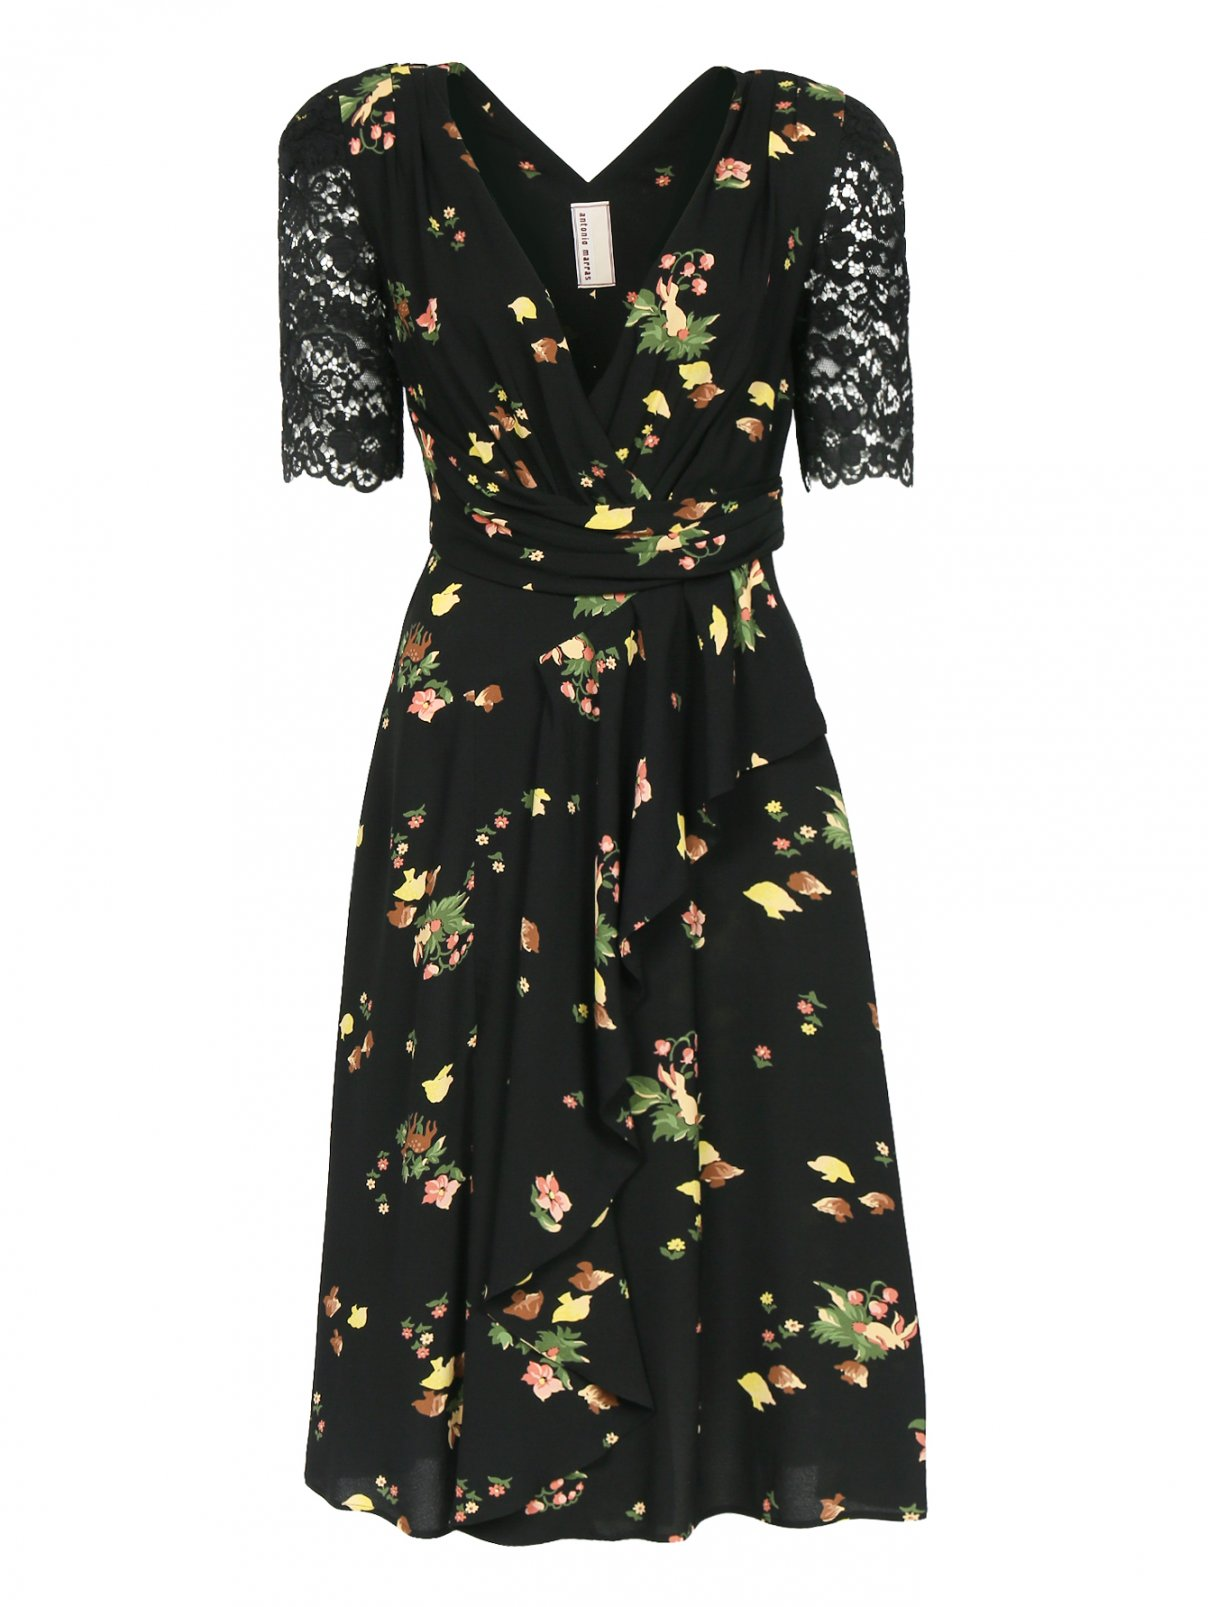 Платье-миди с узором и декоративной отделкой из кружева Antonio Marras  –  Общий вид  – Цвет:  Черный